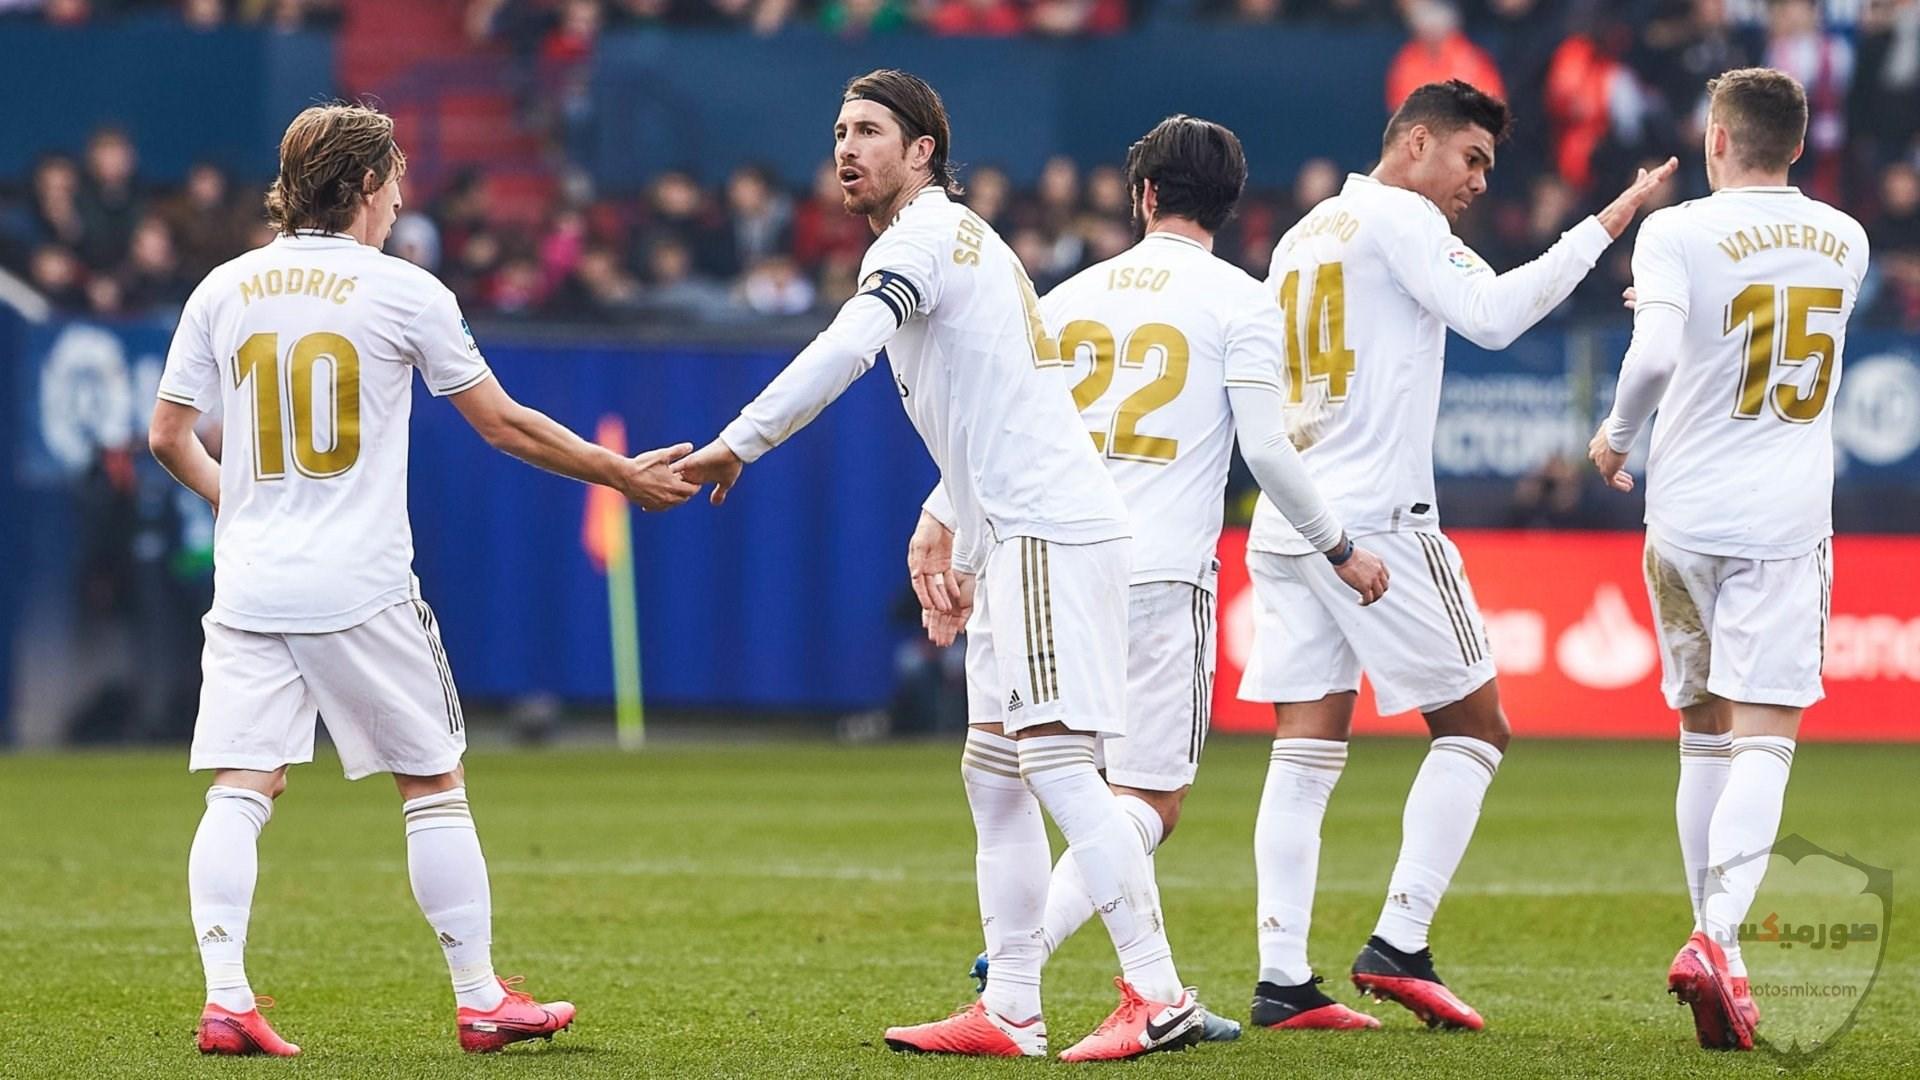 صور لاعبي ريال مدريد 39